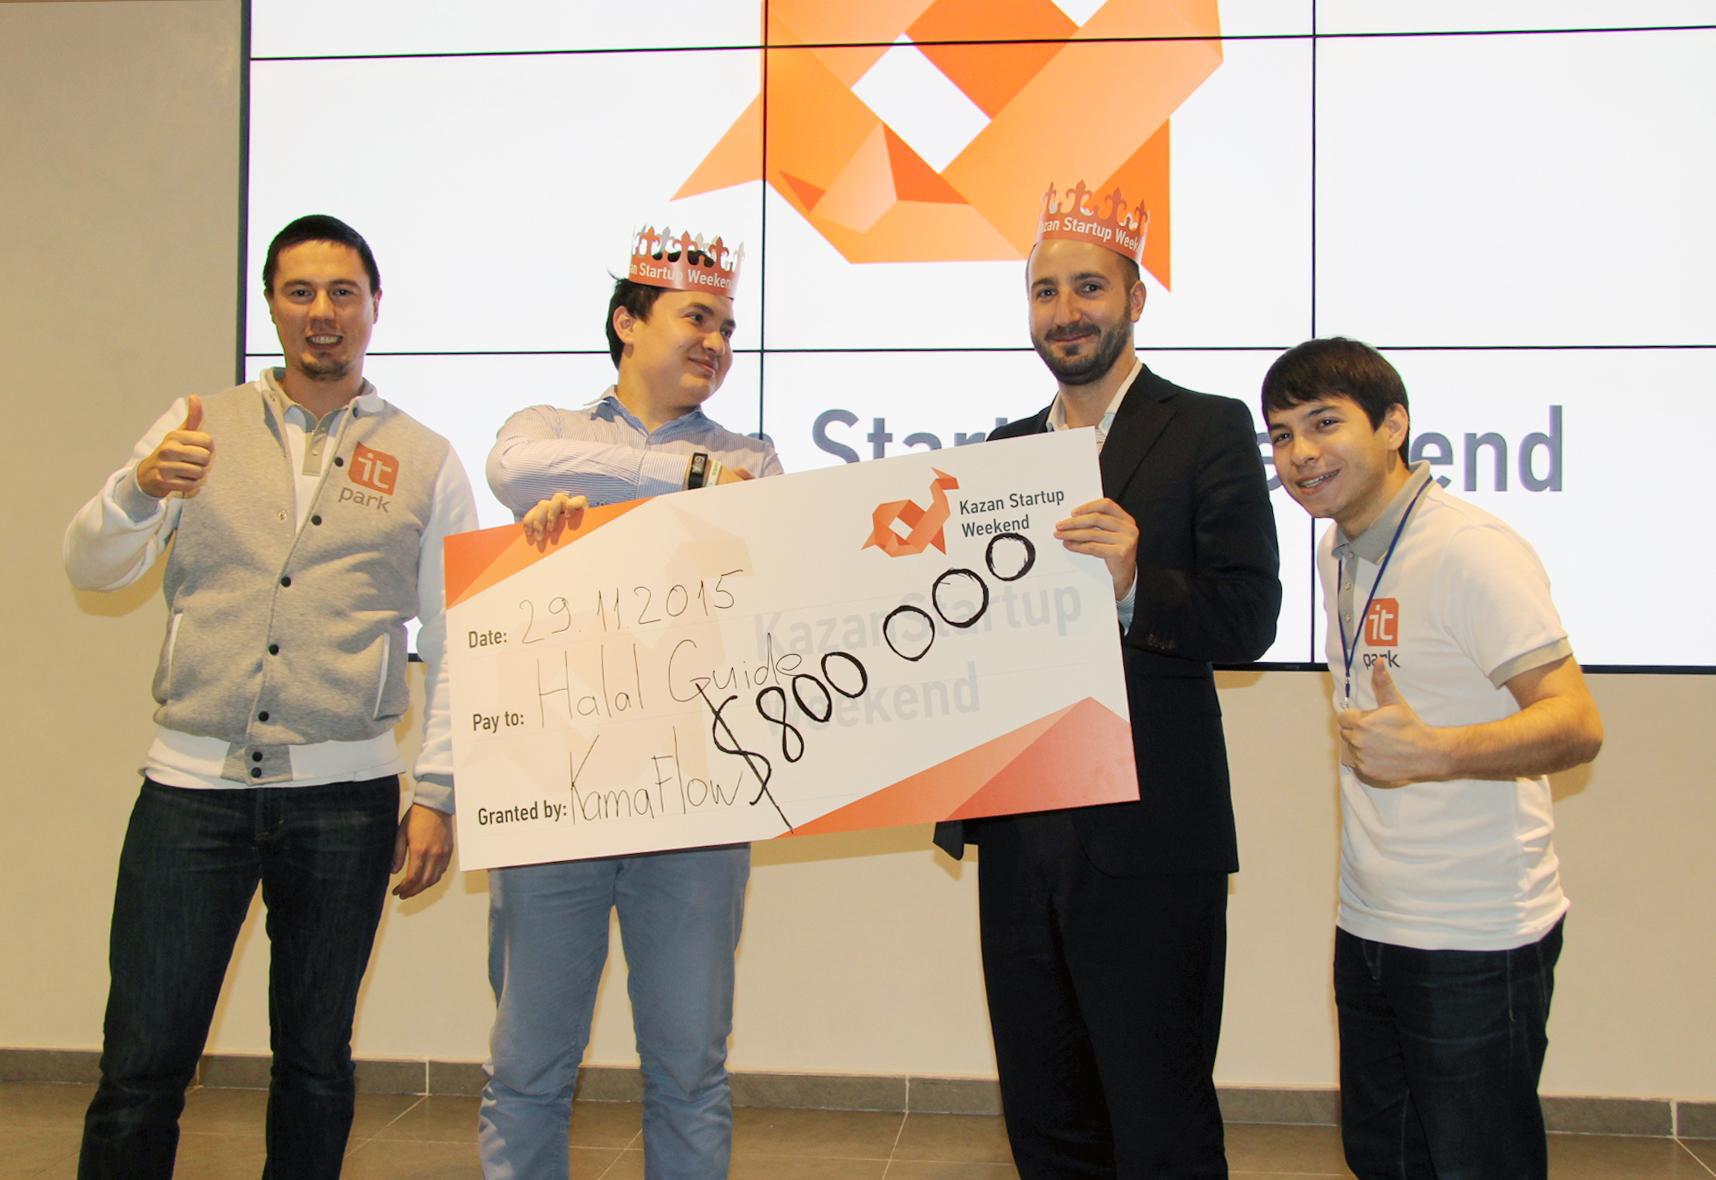 Российский мусульманский стартап получил 800 тыс долларов